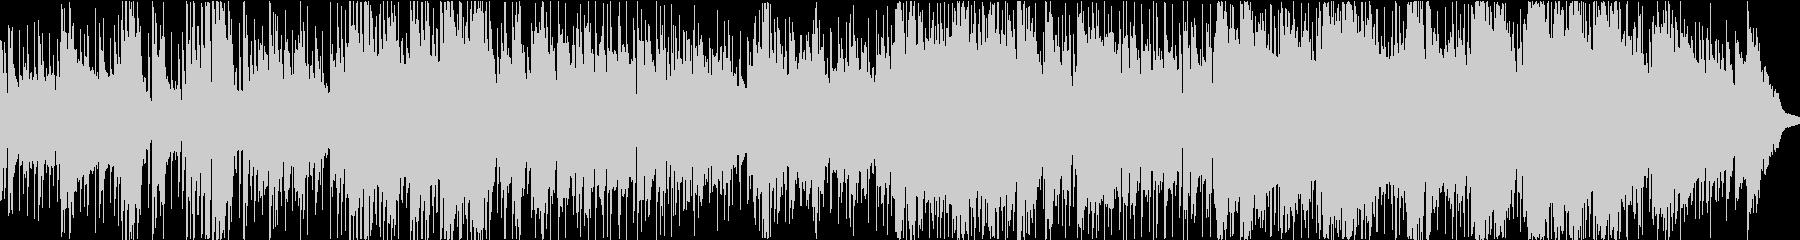 スローカントリーロック-バラードの未再生の波形